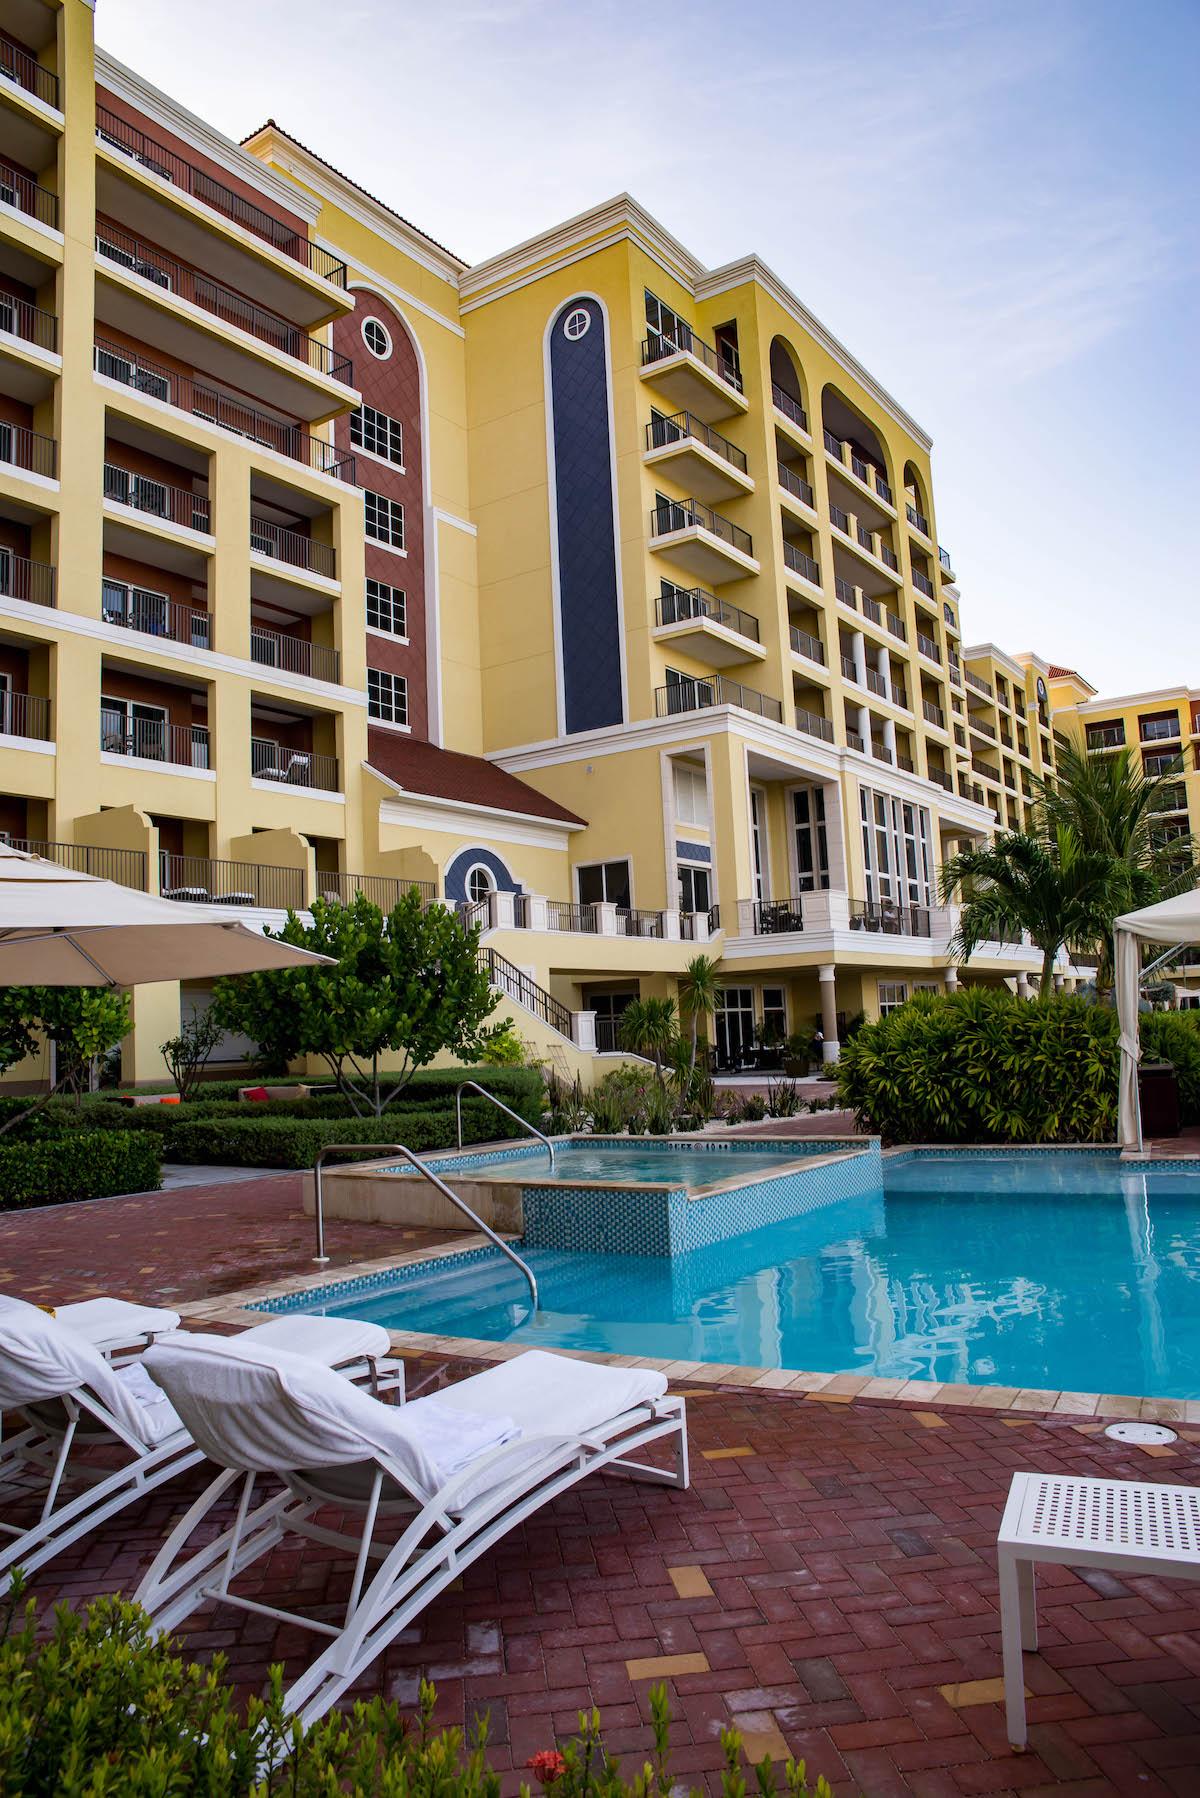 The Ritz-Carlton Aruba